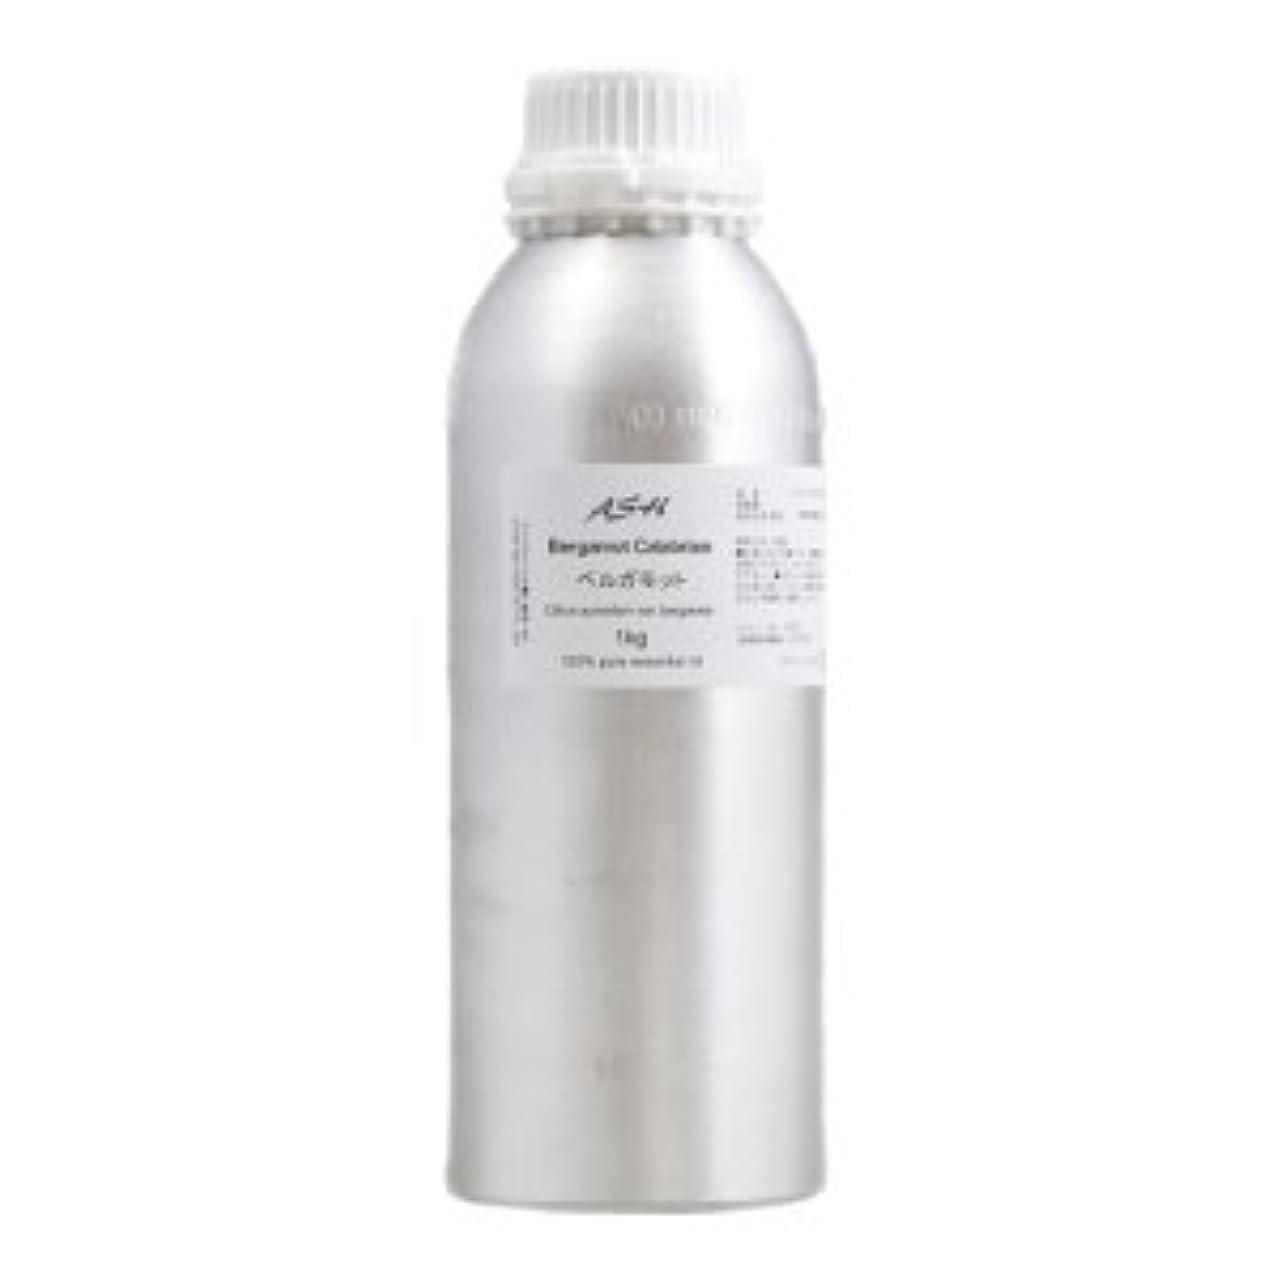 亜熱帯正しい封建ASH ベルガモット エッセンシャルオイル 業務用1kg AEAJ表示基準適合認定精油